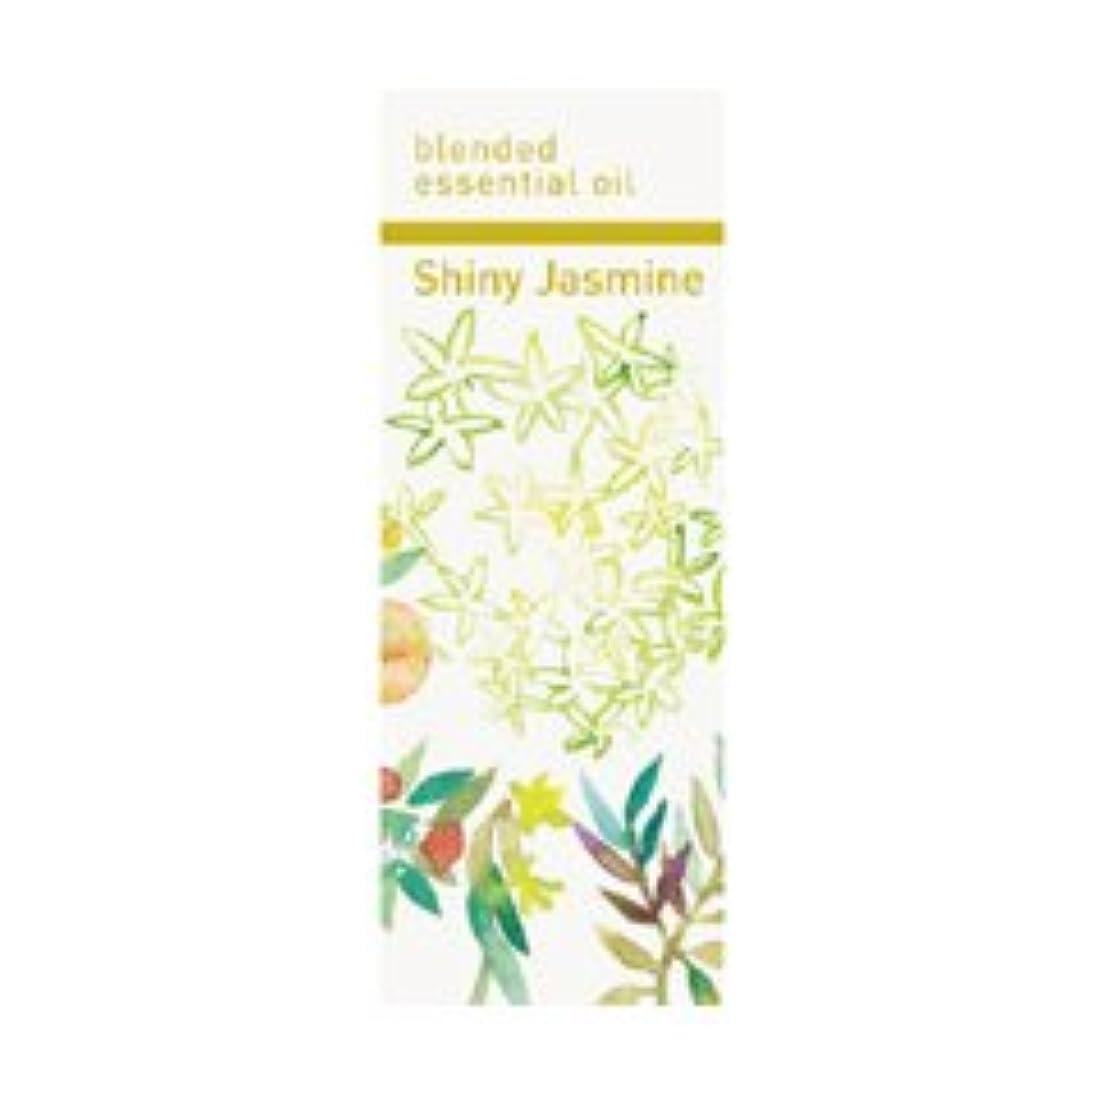 イチゴ評価する文明生活の木 ブレンドエッセンシャルオイル シャイニージャスミン [30ml] エッセンシャルオイル/精油